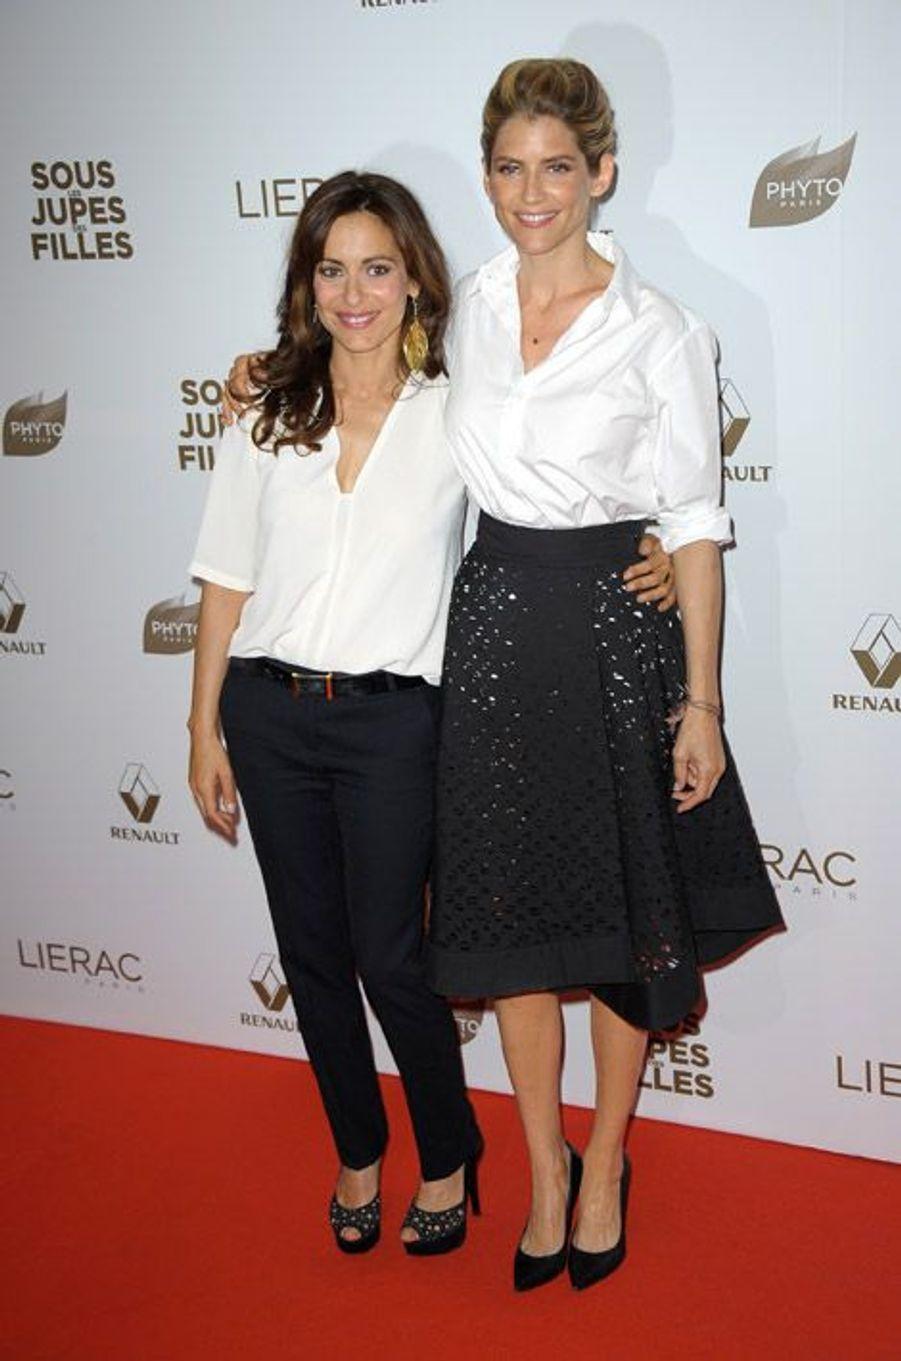 """Racée, avec la réalisatrice Audrey Dana lors de l'avant-première du film """"Sous les jupes des filles"""" à Paris, le 2 juin 2014"""